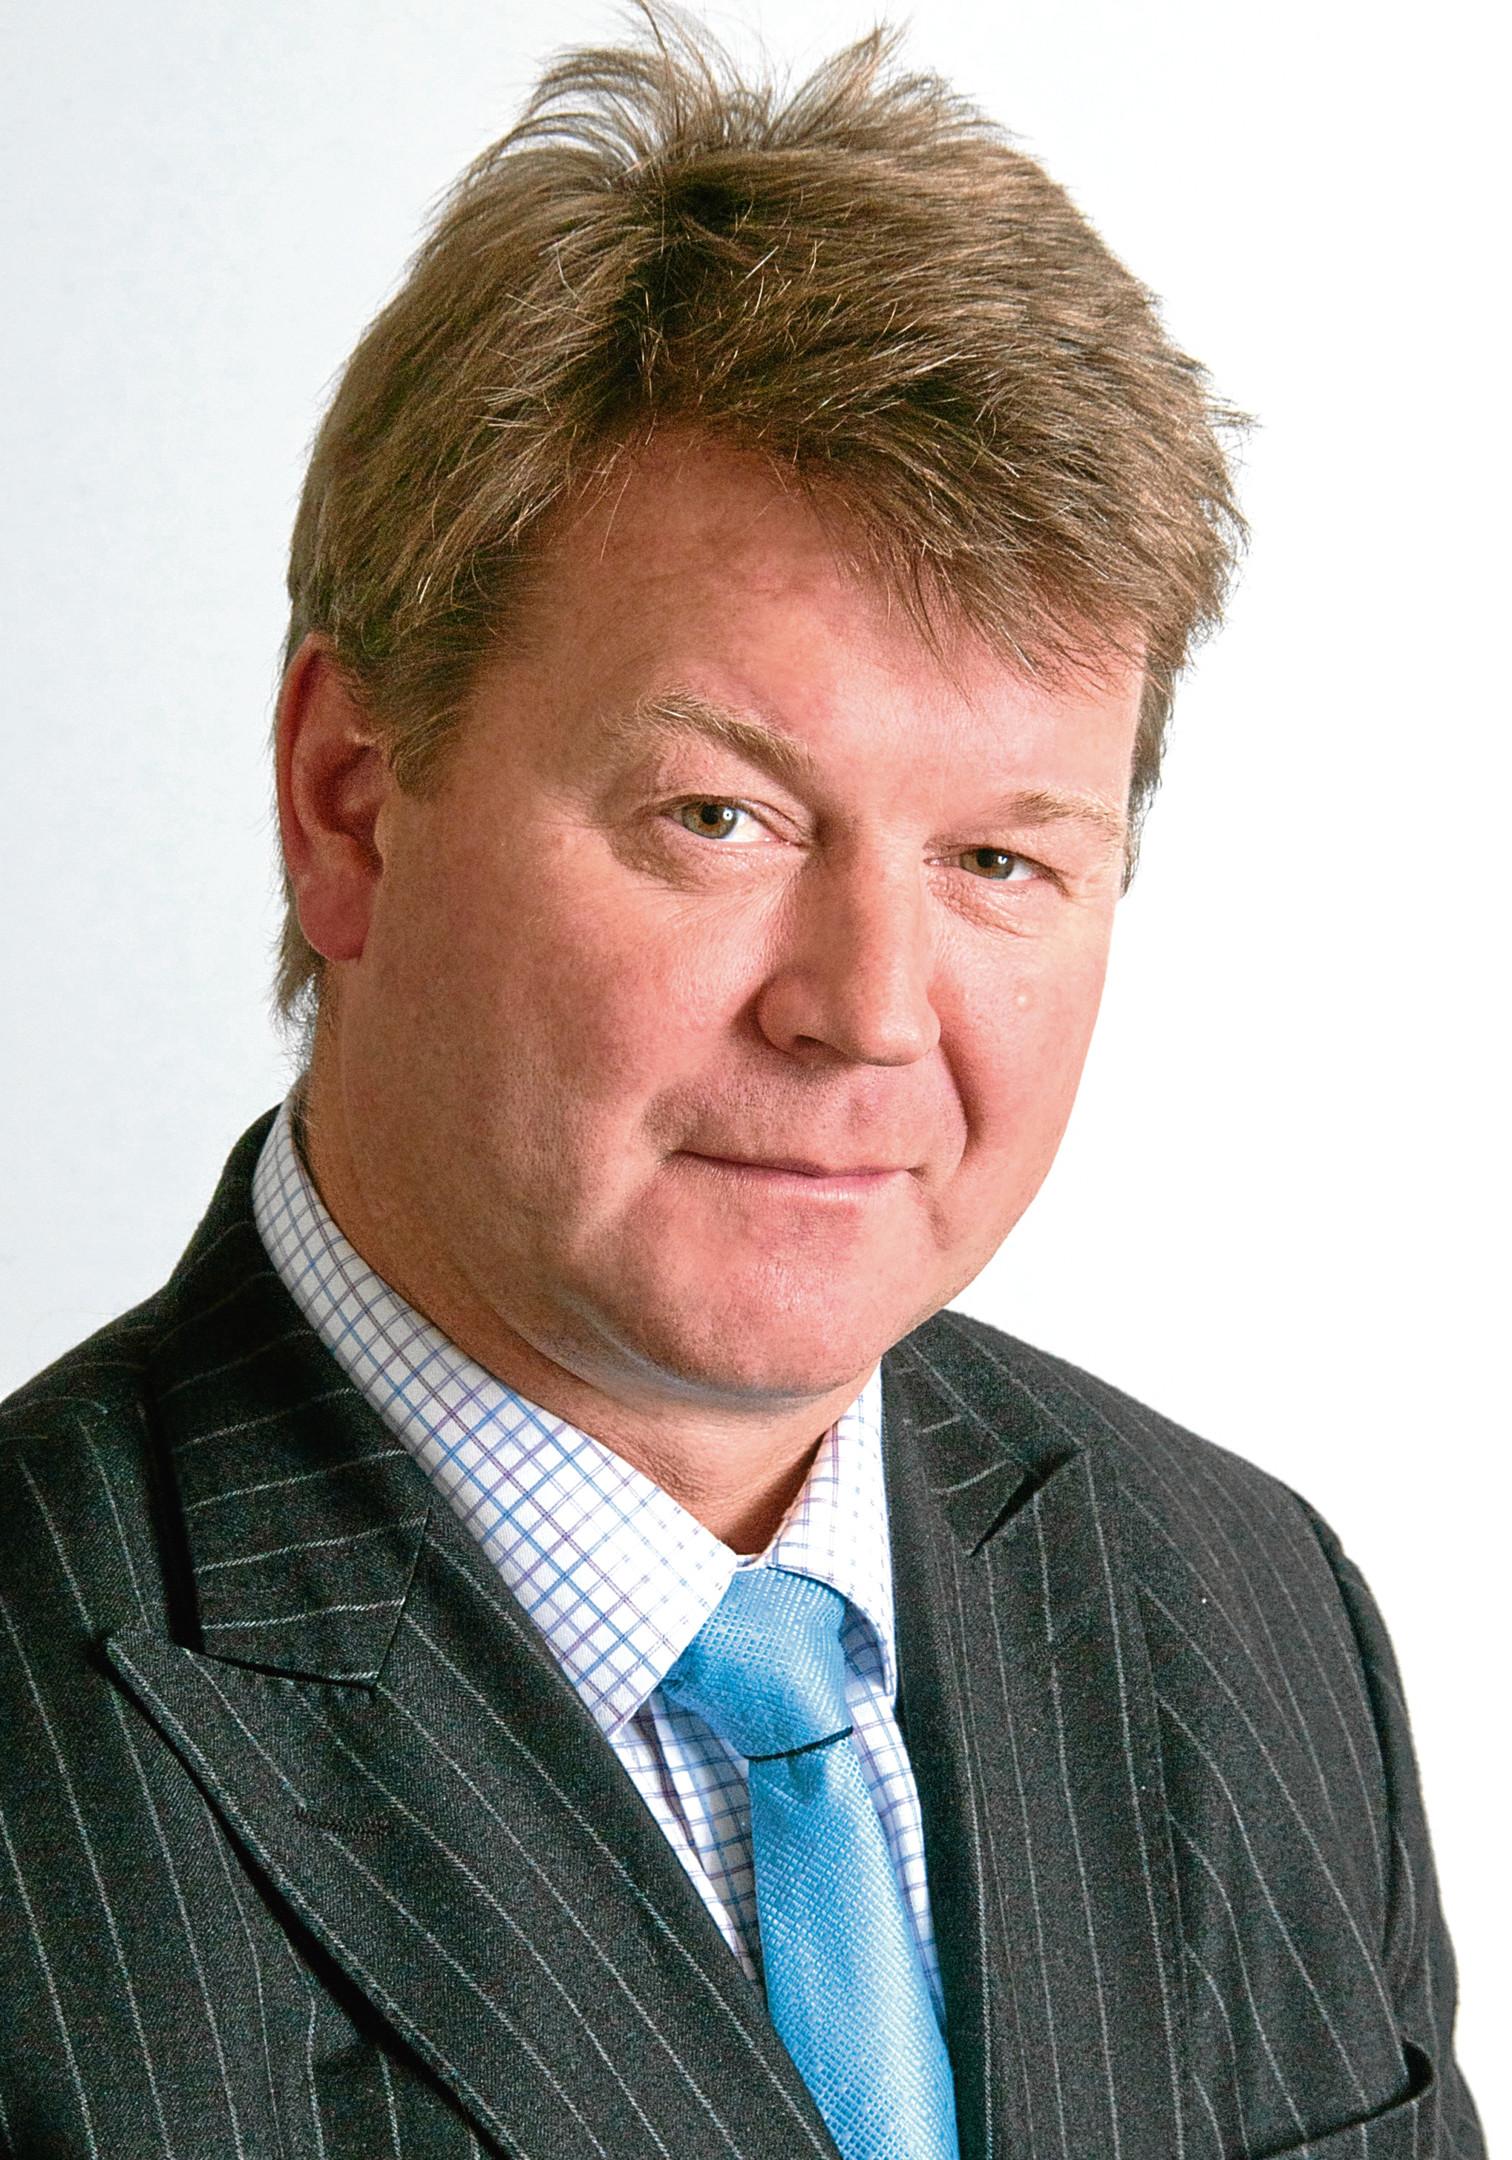 Tim McCreath, Managing Director at Simpsons Malt